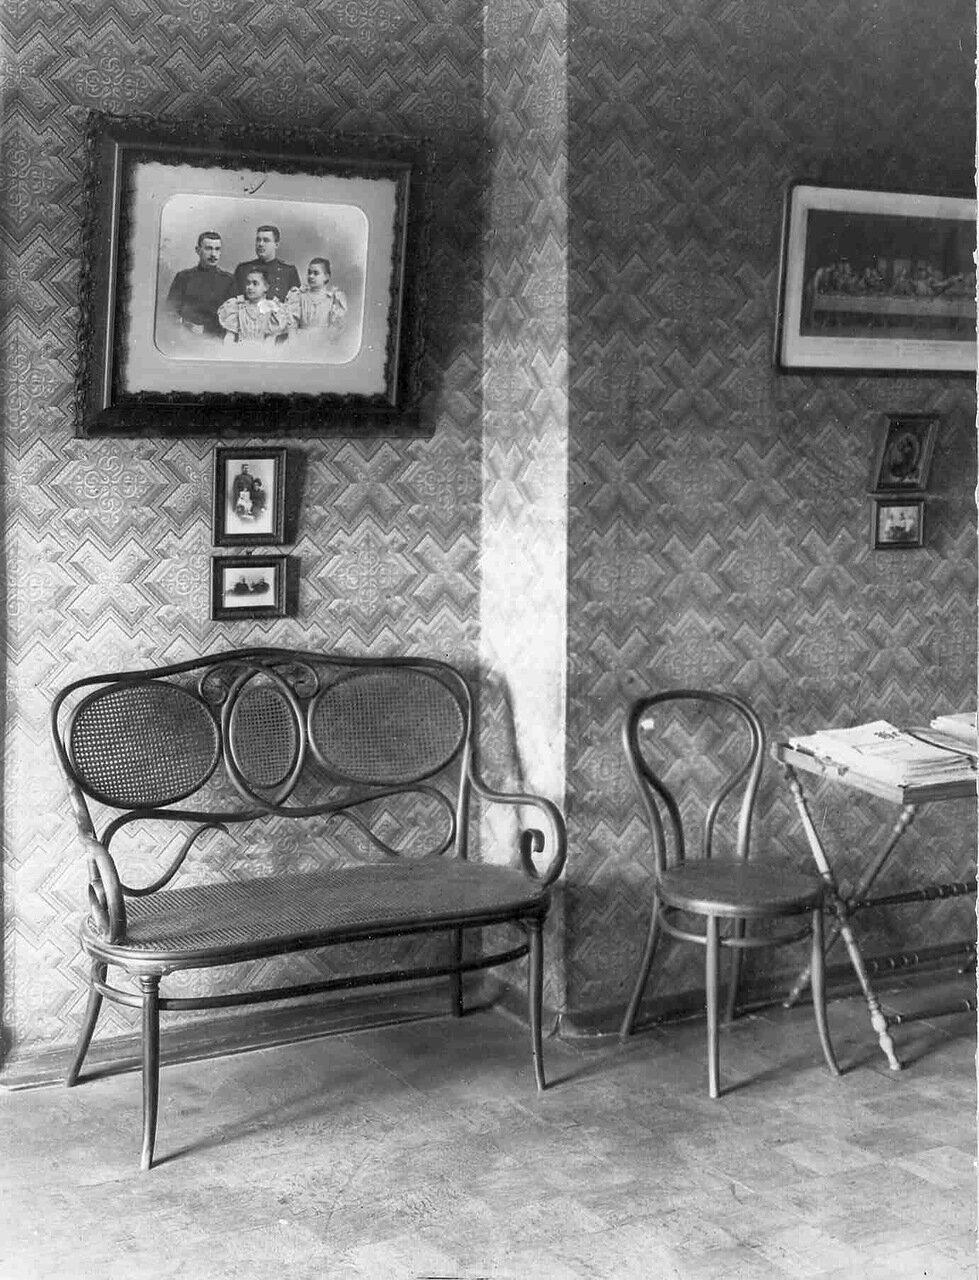 Квартира органиста Л.Ф.Гомилиуса (адрес не установлен).  Интерьер комнаты